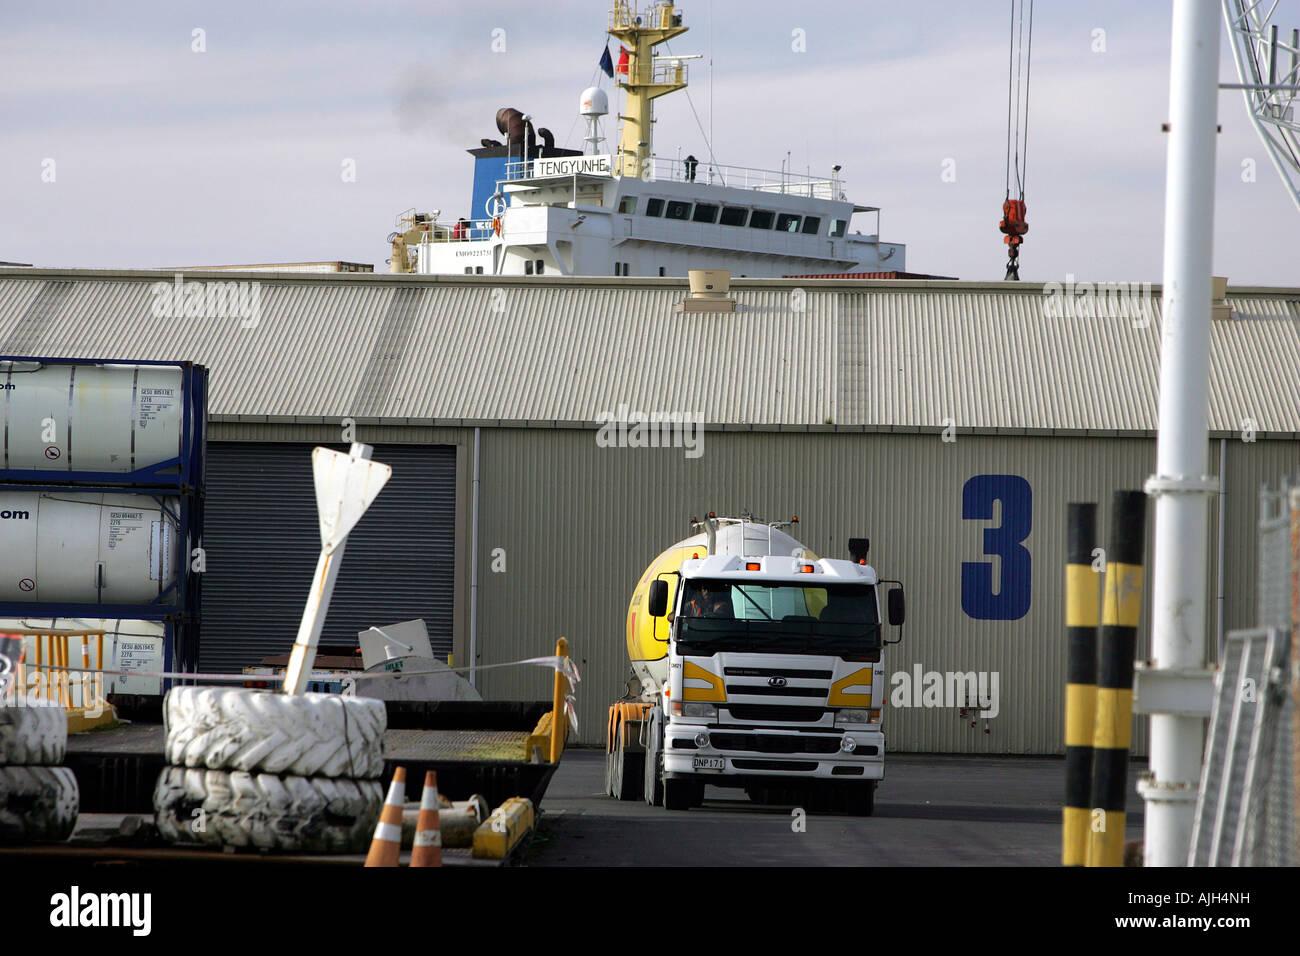 Vergossen Sie 3 bei Port Nelson Nelson New Zealand wo Begasung von Holz für den Export erfolgt mit Methylbromid Stockbild